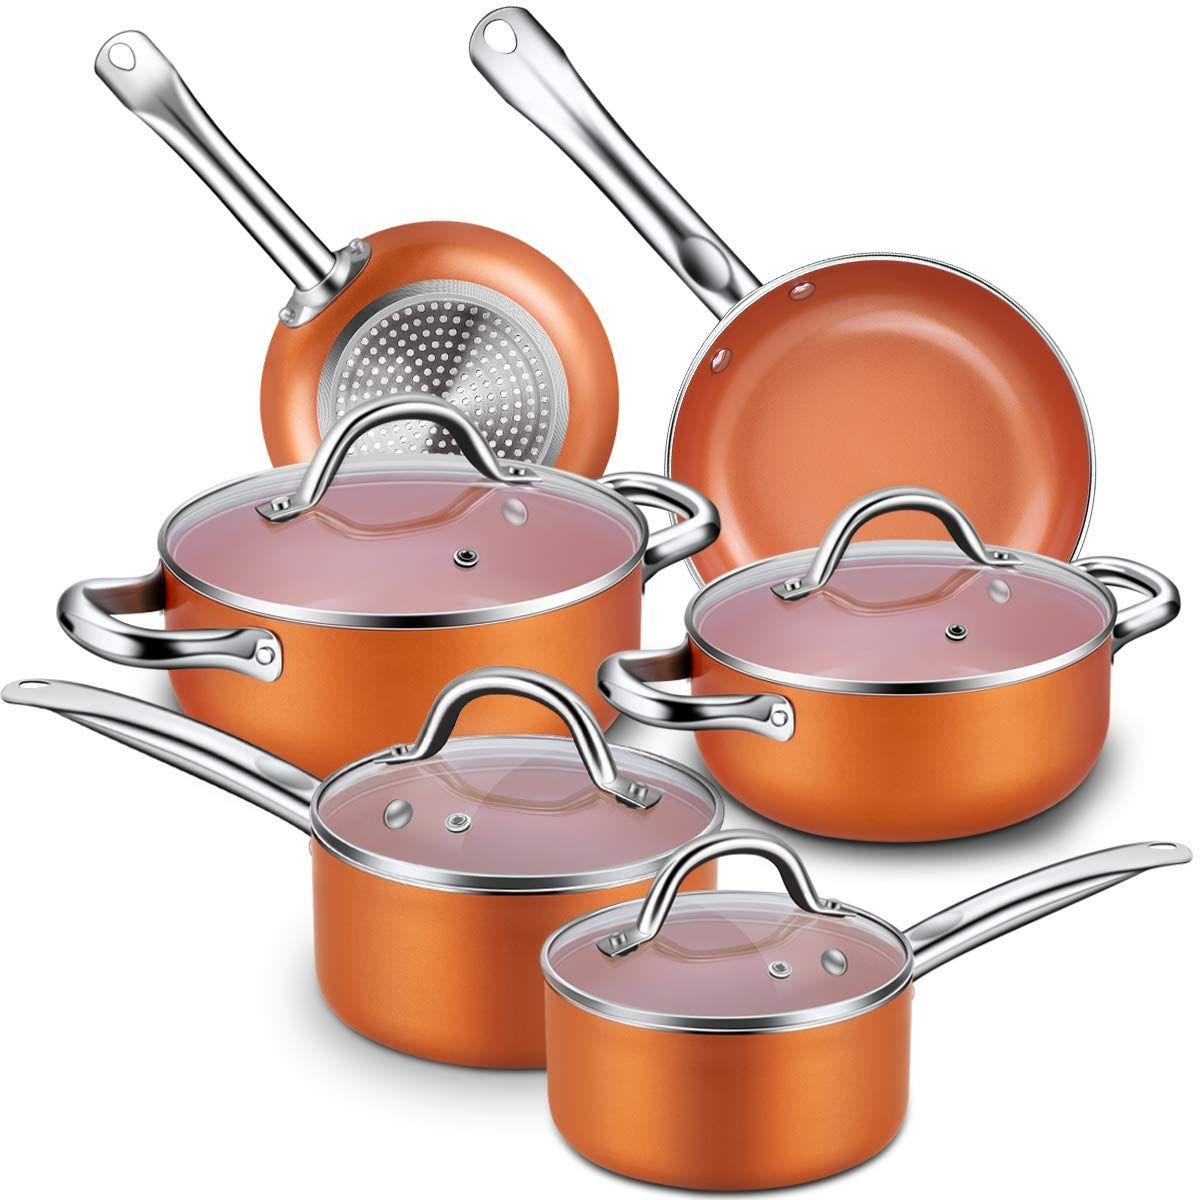 Cusinaid 10 Piece Aluminum Cookware Sets Pots And Pans Set Fry